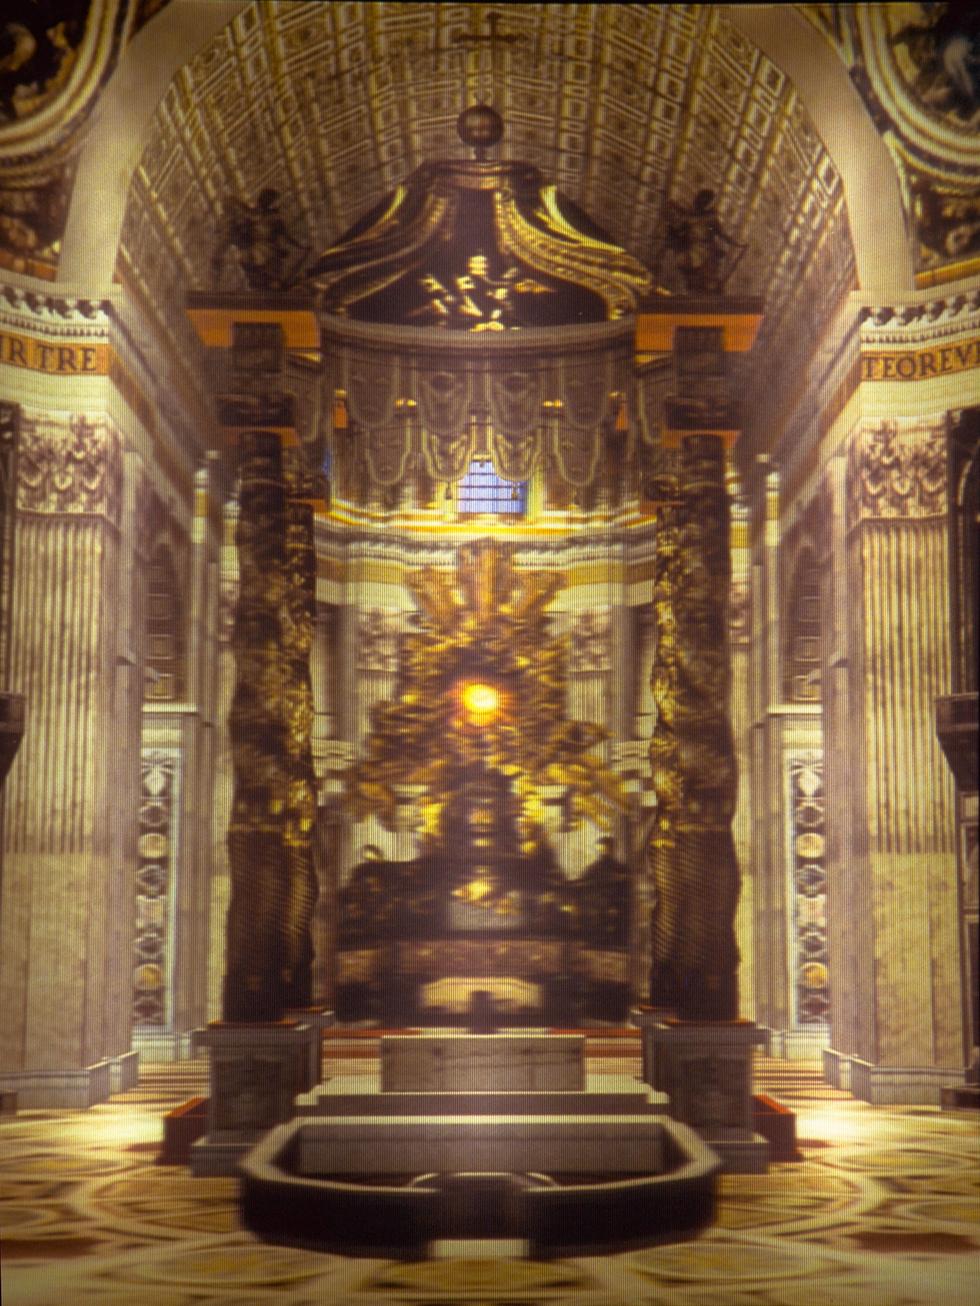 Le Basiliche di San Pietro External Façade, 1995